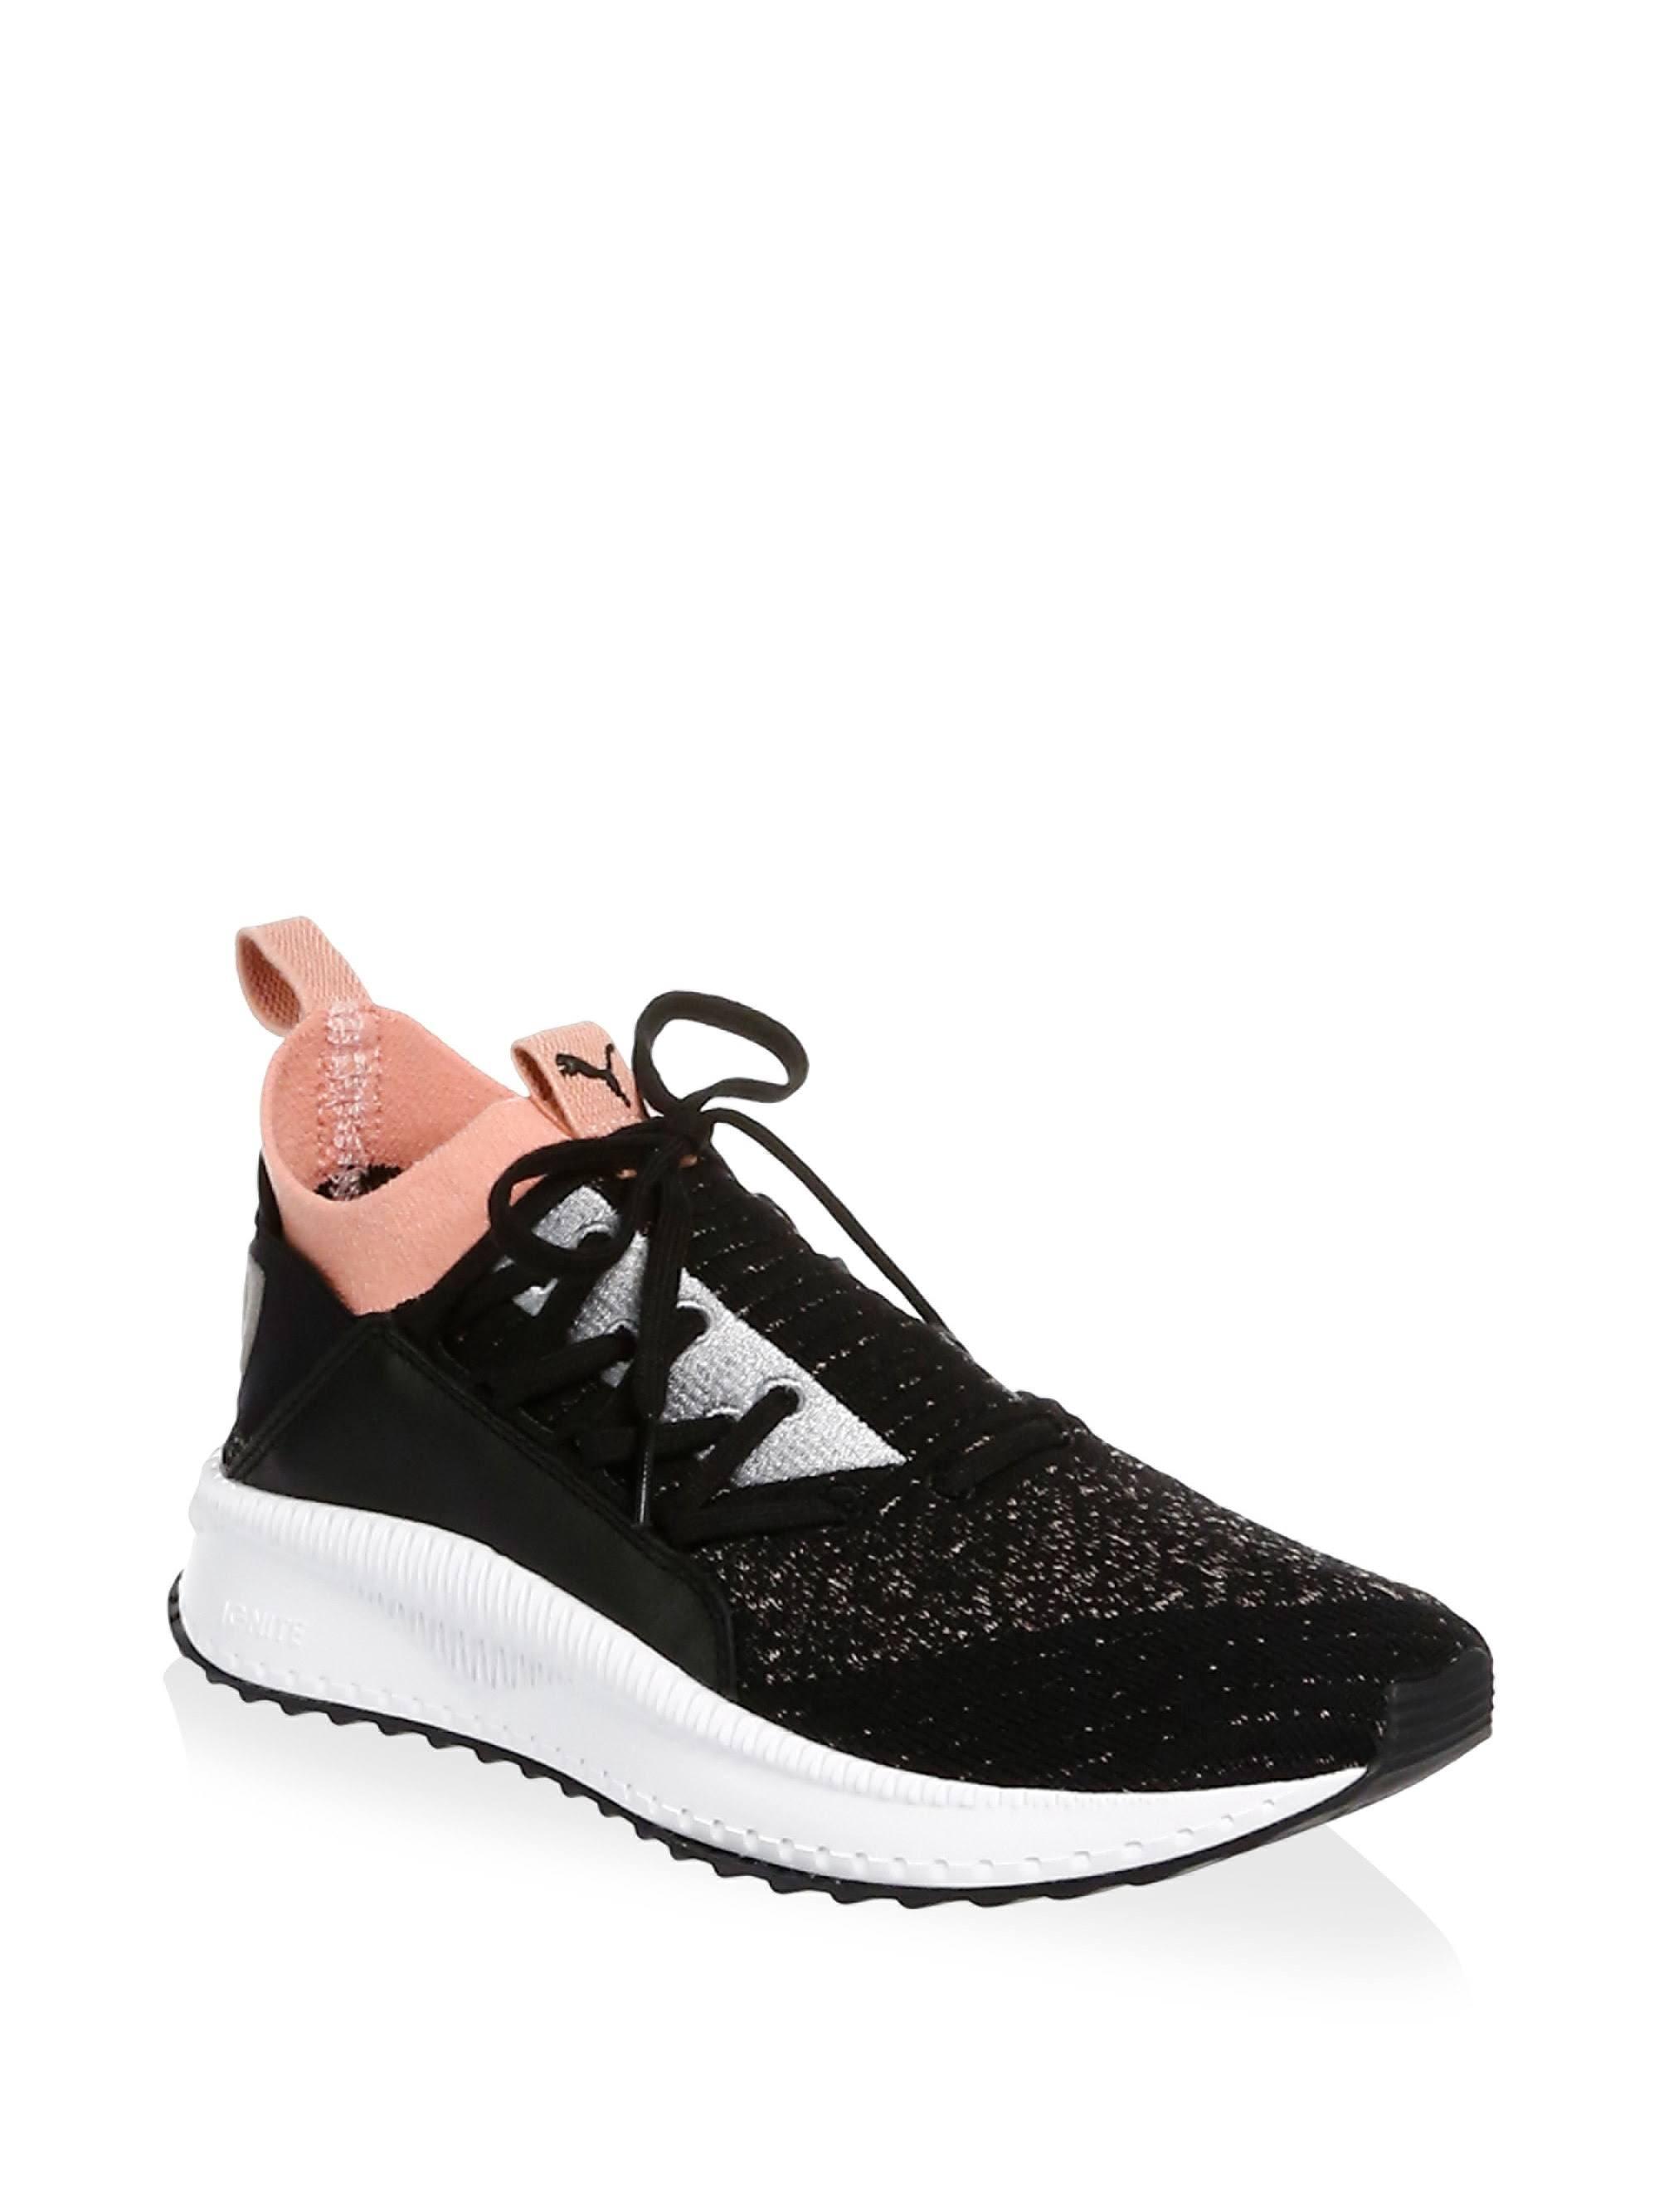 Tsugi Tamaño Mujer Puma Jun 7 De Zapatos 36703808 1wxgSdqx